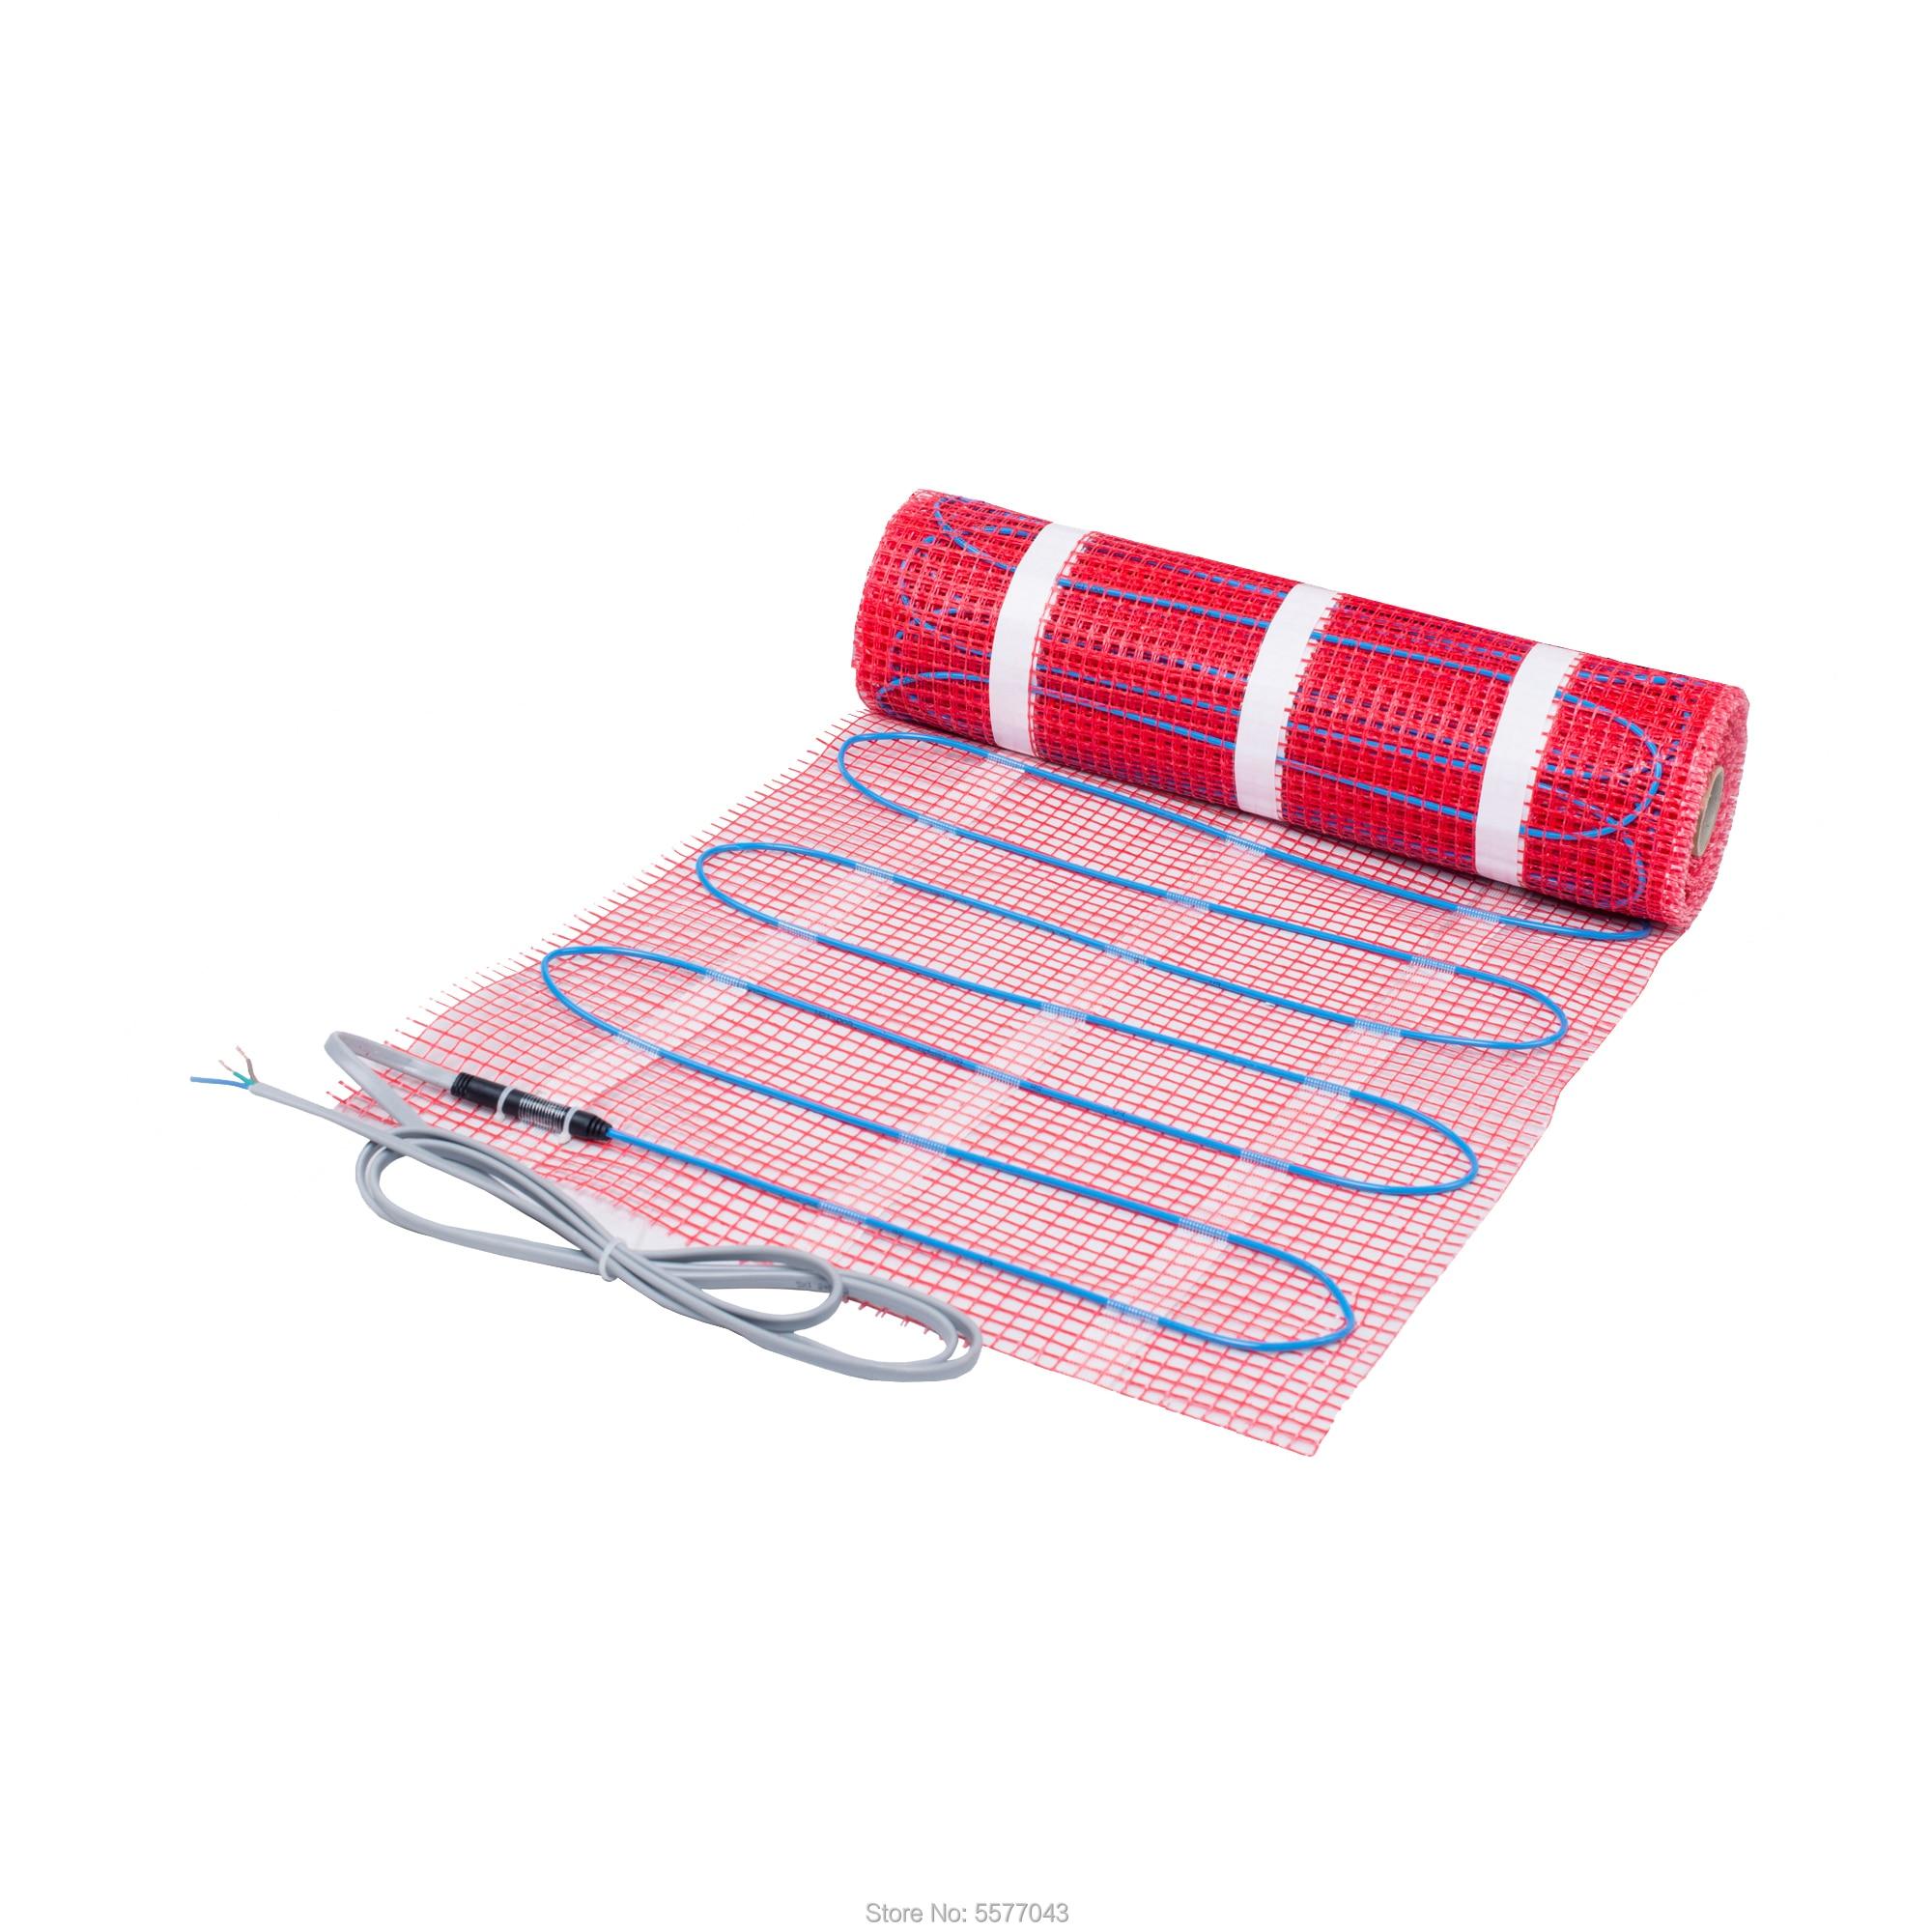 حصيرة تدفئة تحت الأرضية للحمام الاحترار في الأماكن المغلقة 230 فولت 100 واط/M2